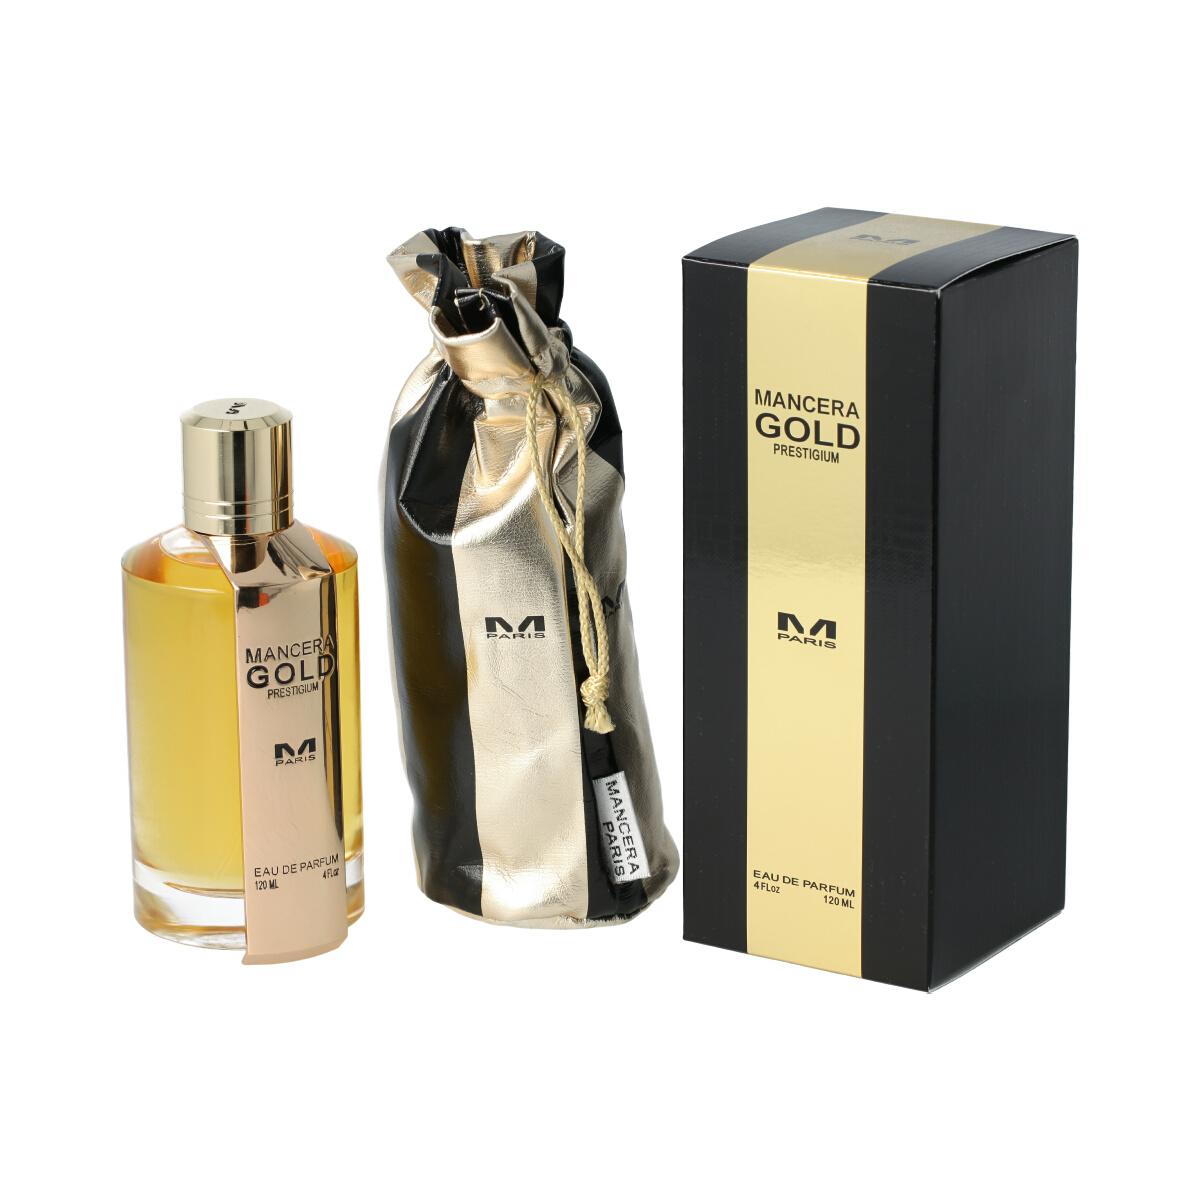 Mancera Paris Gold Prestigium Eau De Parfum 120 ml (unisex) 95954